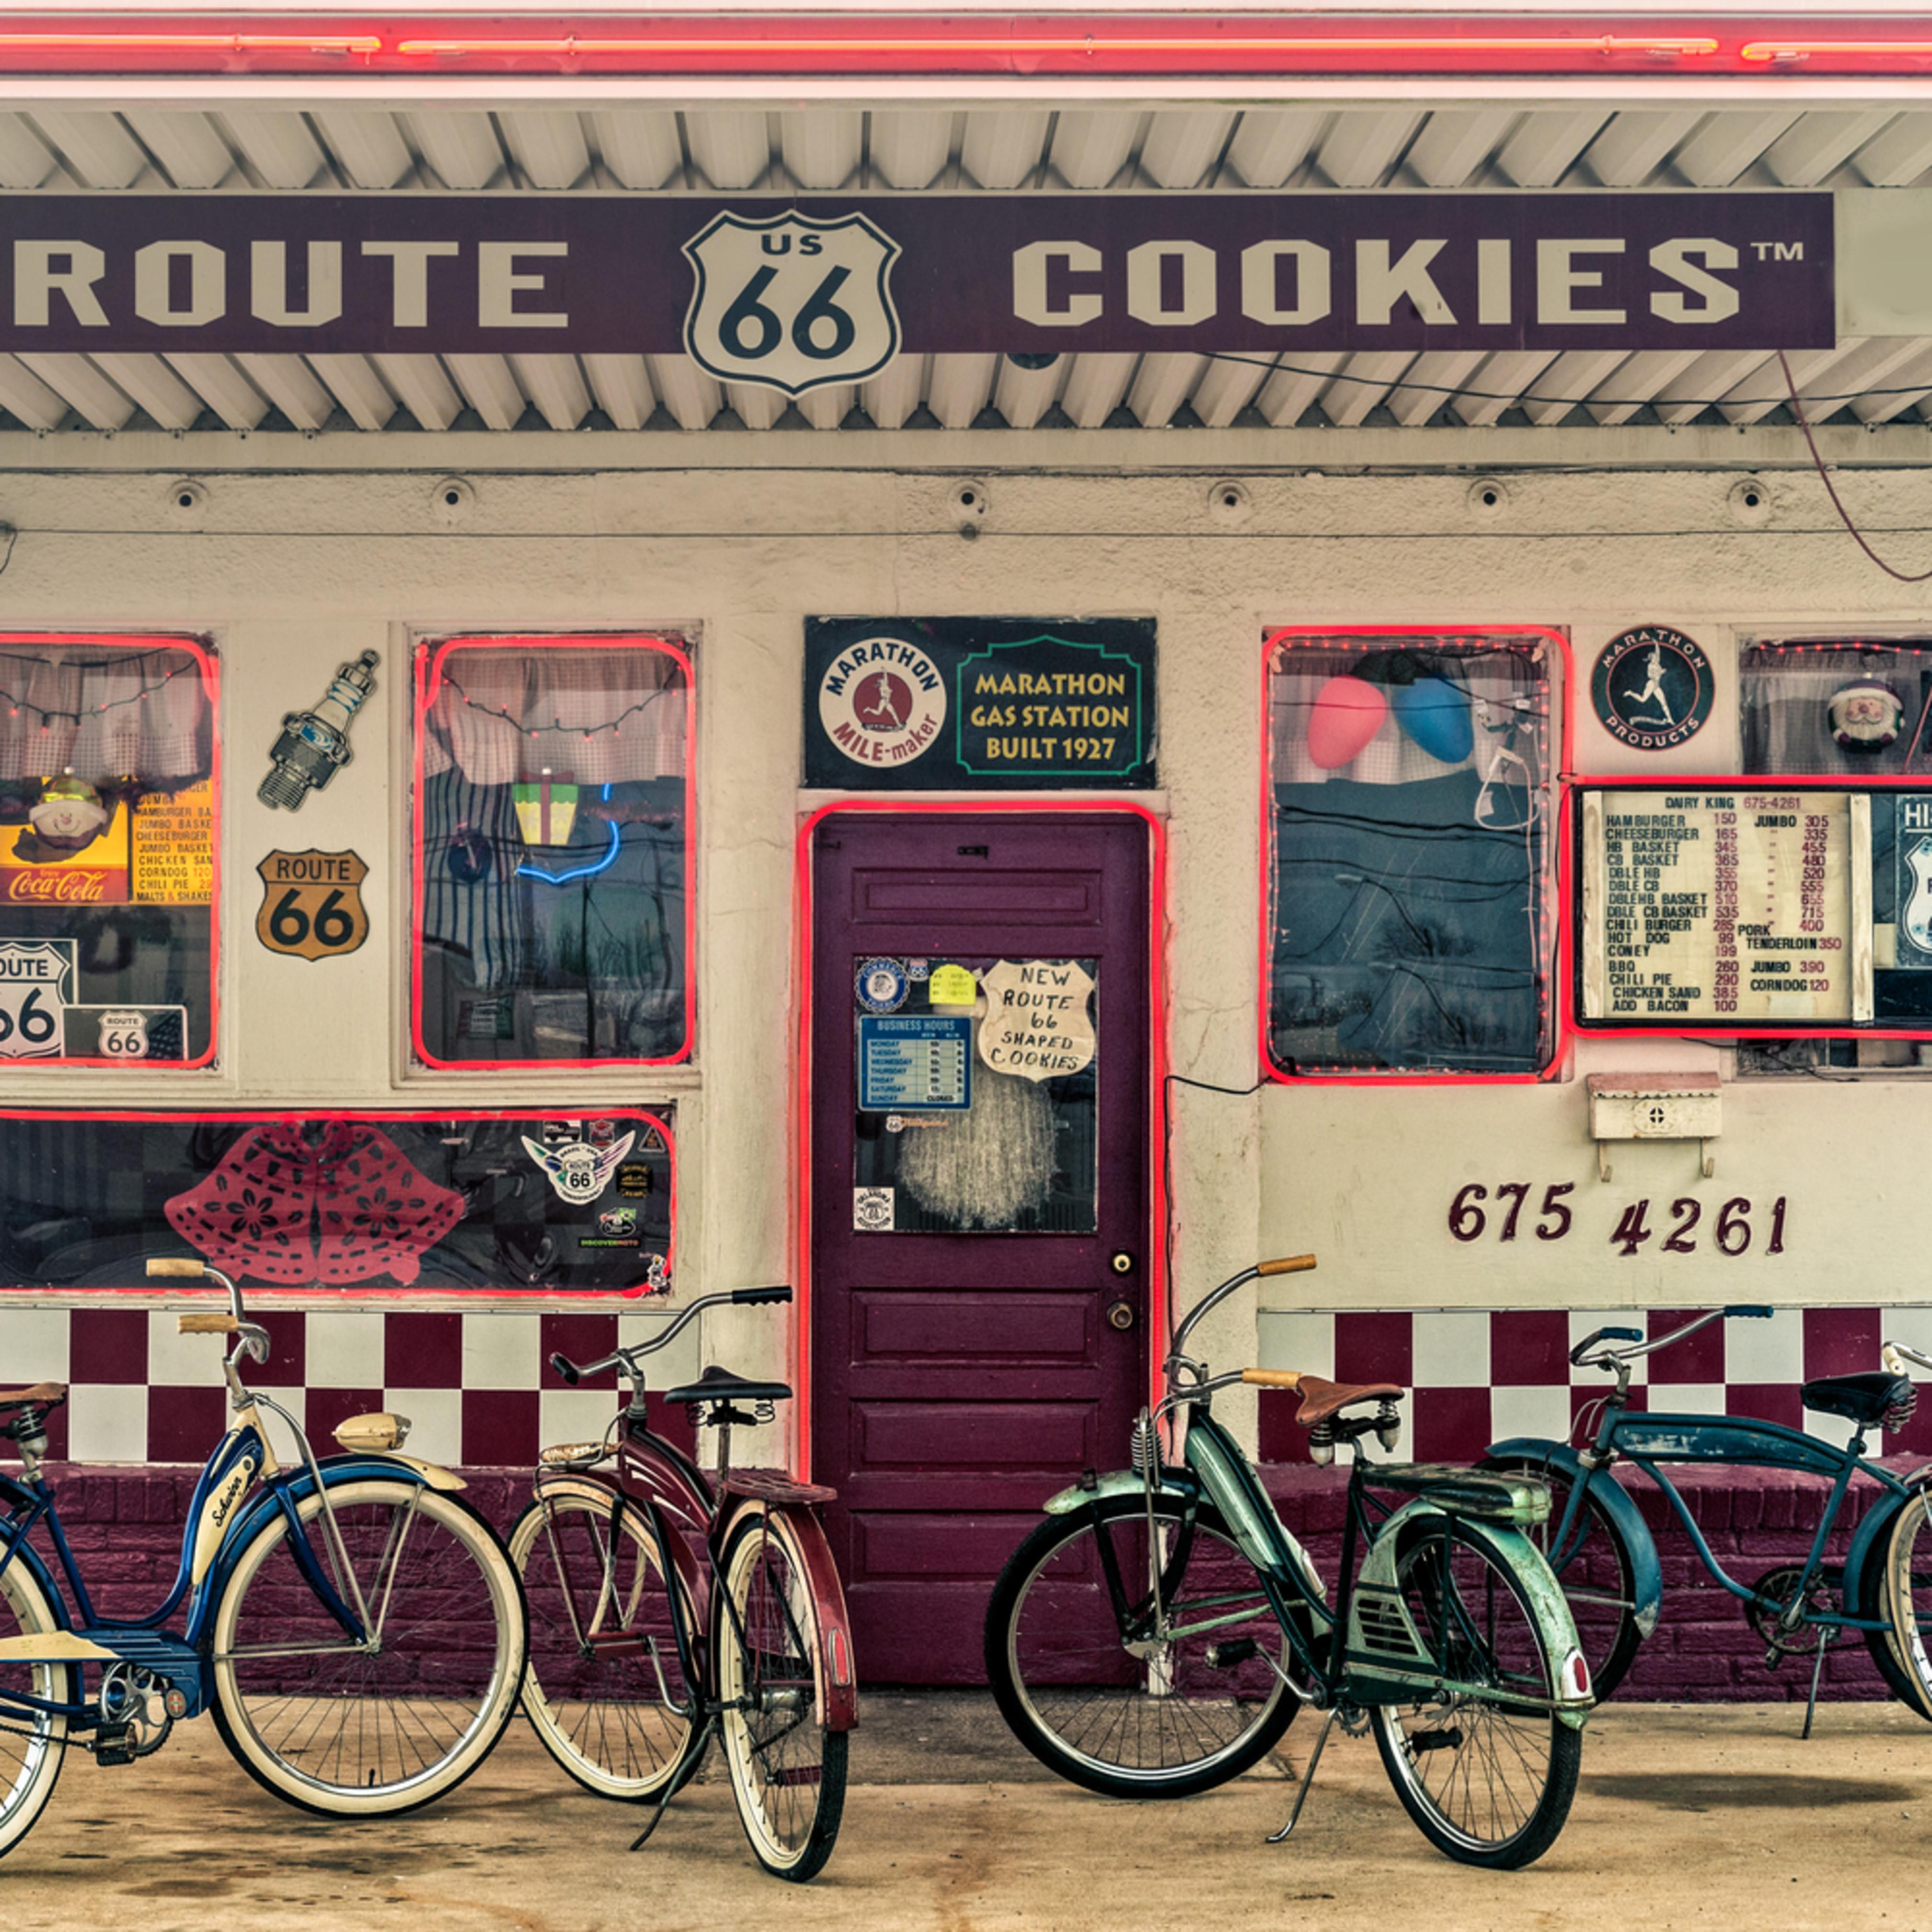 Route 66 cookies qu4pha